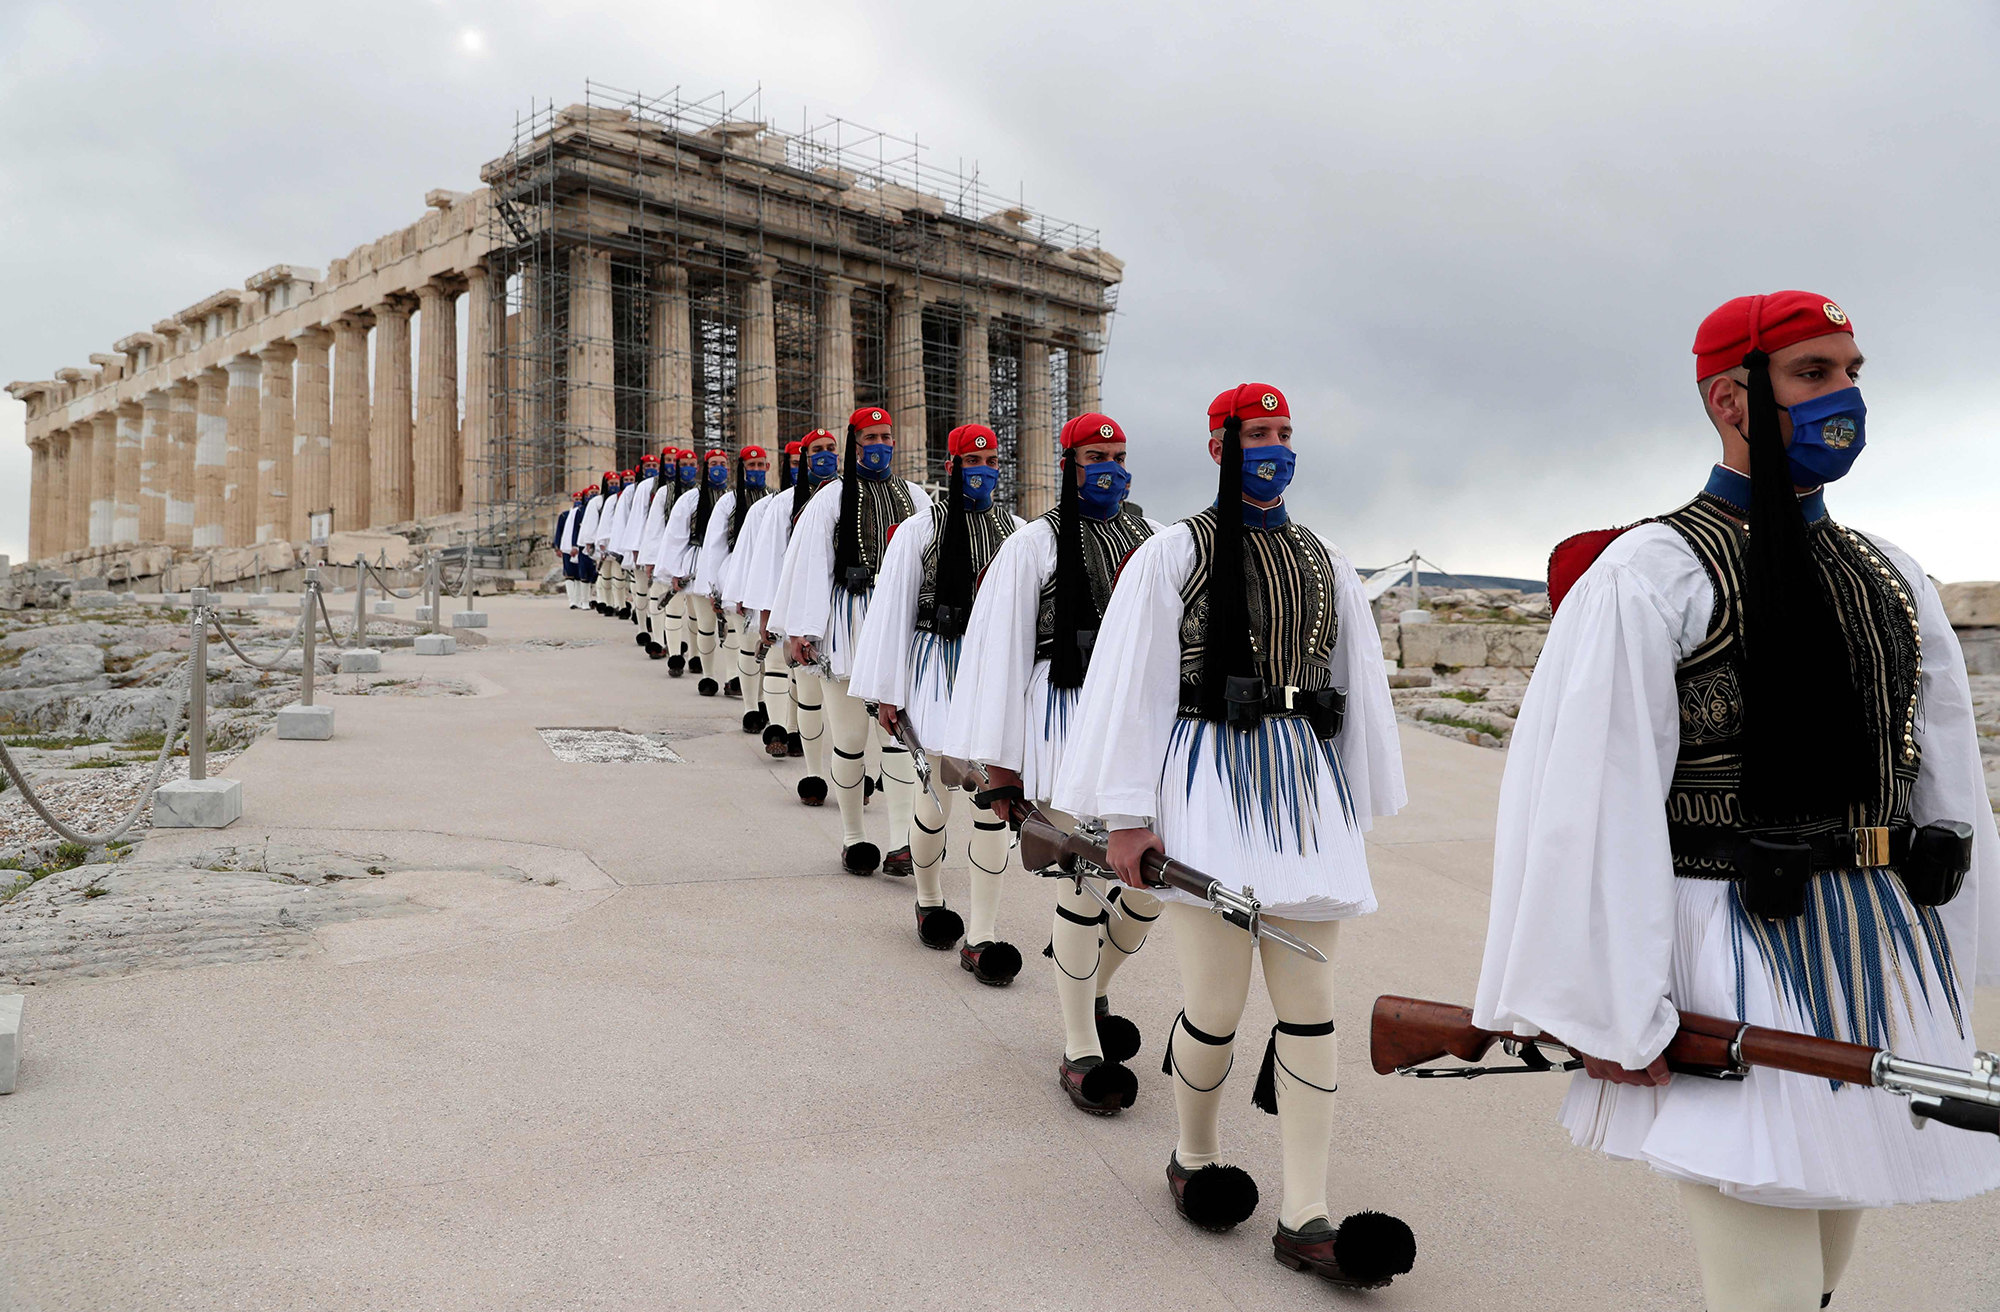 25 марта 2021 года, солдаты президентской гвардии проходят передхрамом Парфенон навершине Акрополя после церемонии поднятия греческого флага вАфинах. Греция отмечает двухсотлетие начала войны занезависимость против Османской империи